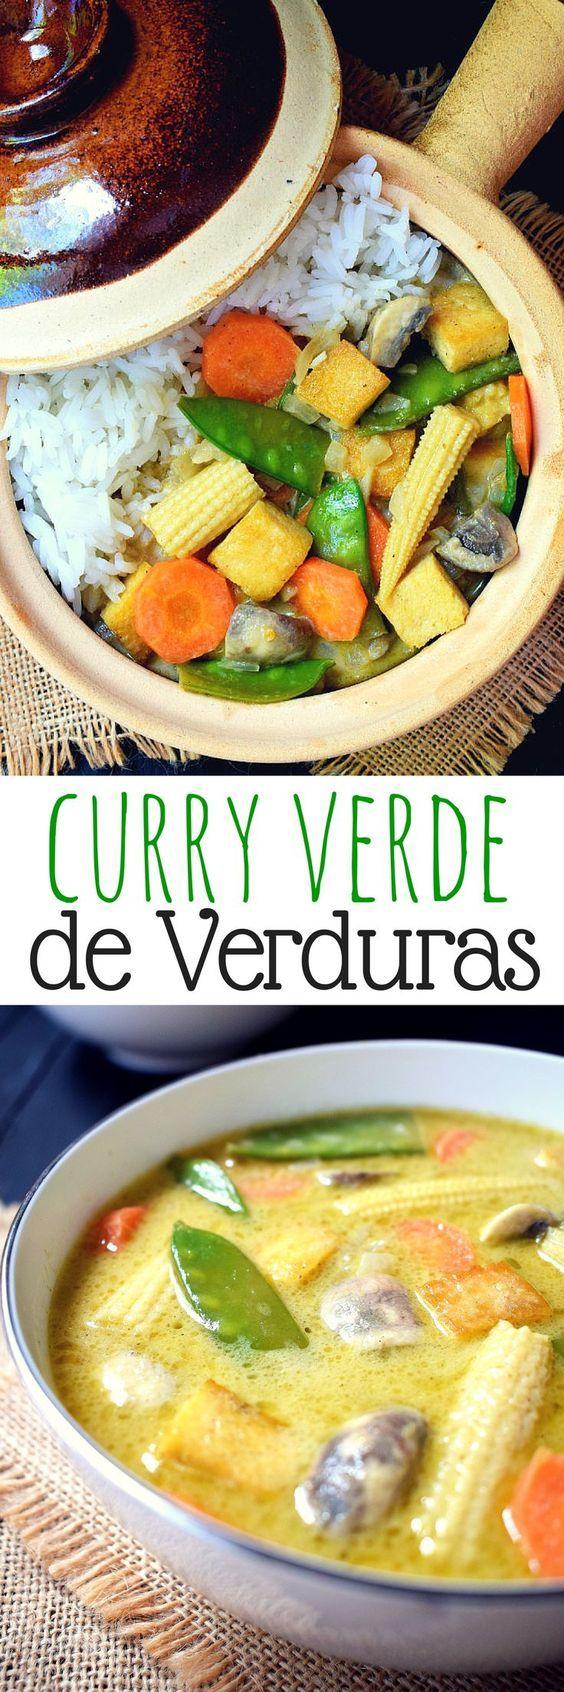 Salado, dulce, picante y ácido - se puede usar todos los adjetivos para describir este curry verde de verduras. Lo mejor de todo? Esta listo en menos de 30 minutos!